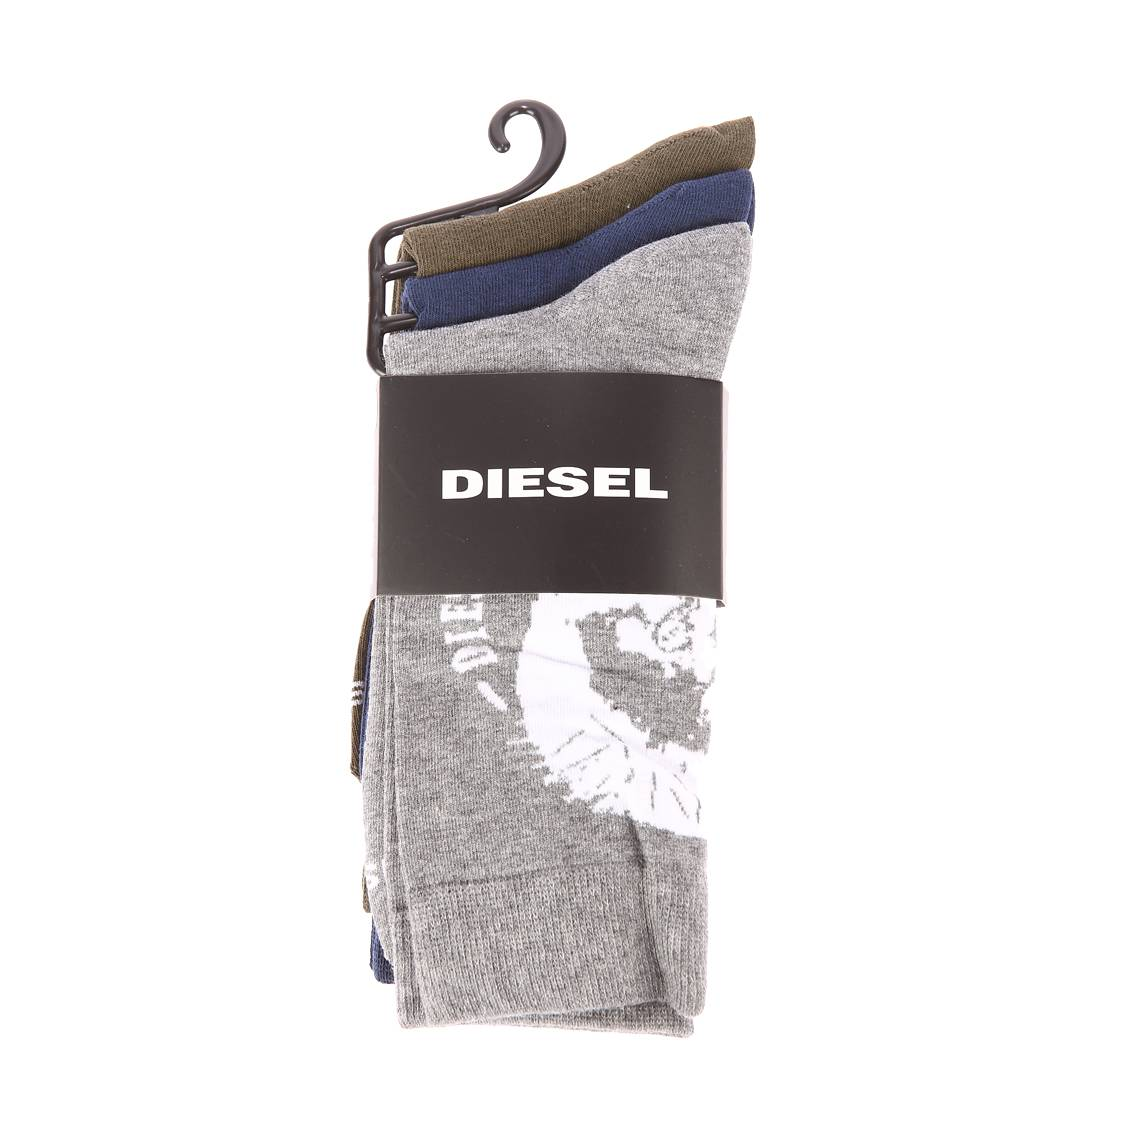 Lot de 3 paires de chaussettes diesel en coton et polyamide stretch vert kaki, bleu marine et gris chiné